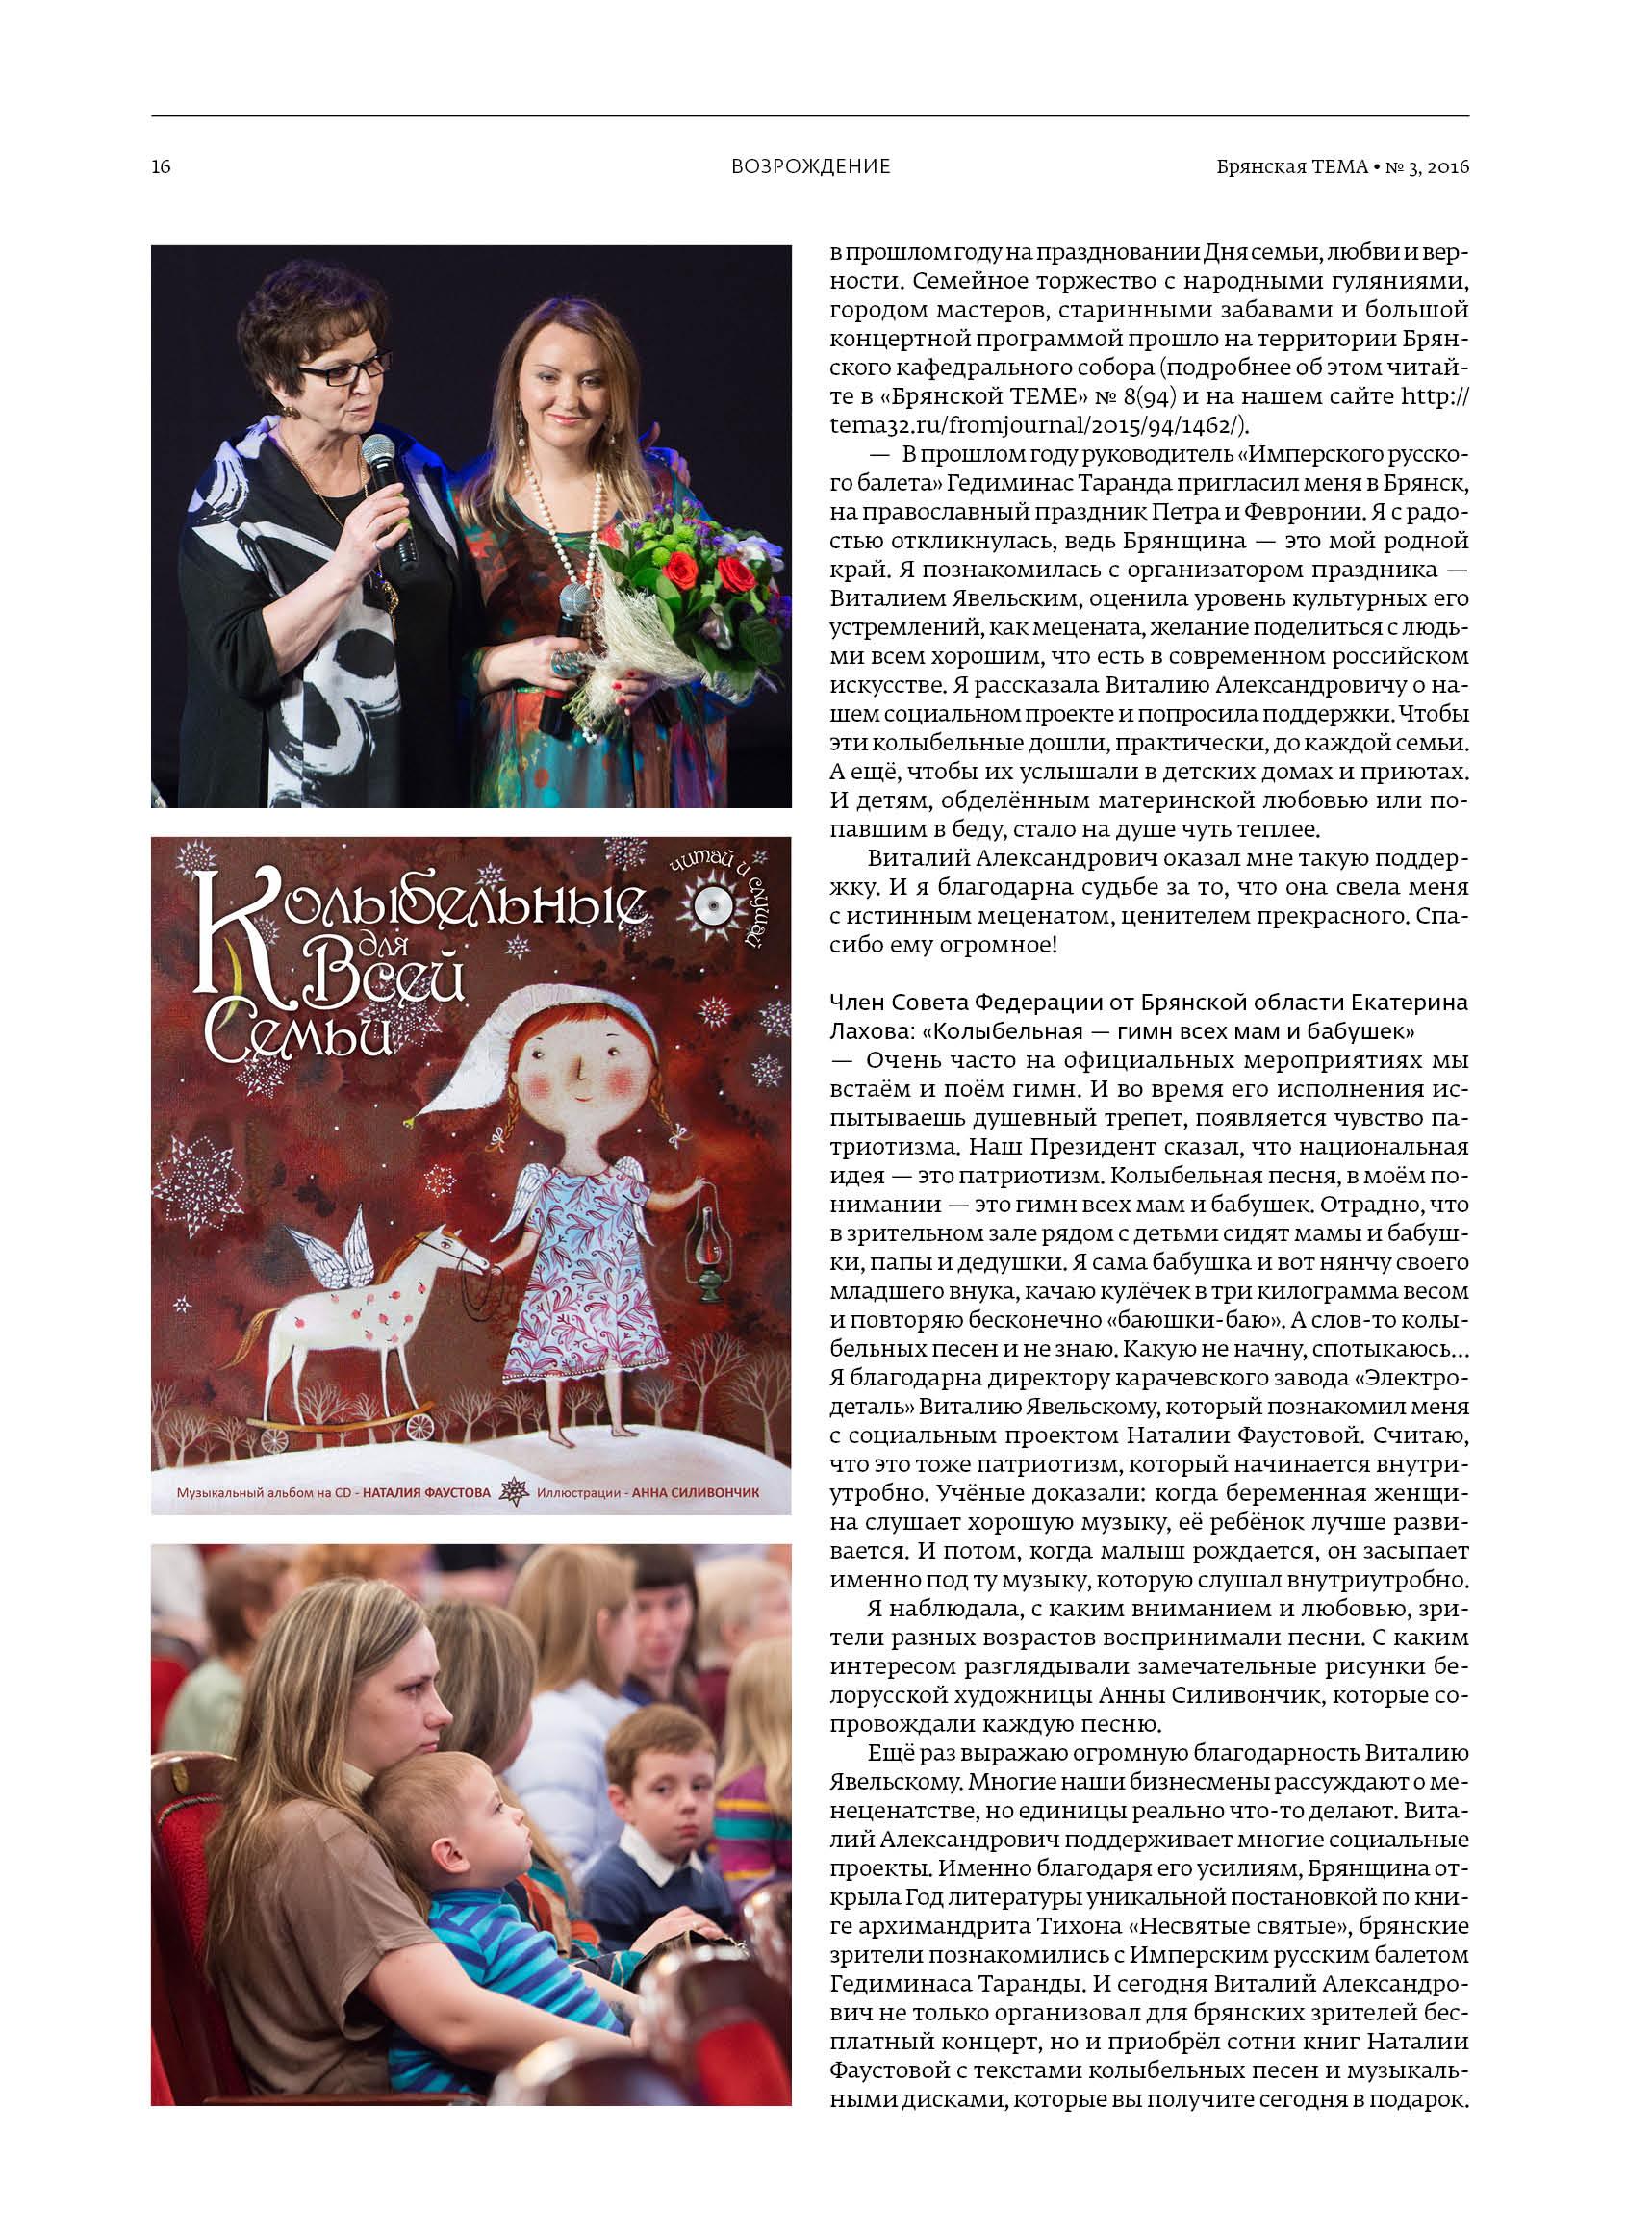 """Интервью Наталии Фаустовой журналу """"Брянская ТЕМА"""", стр. 3"""